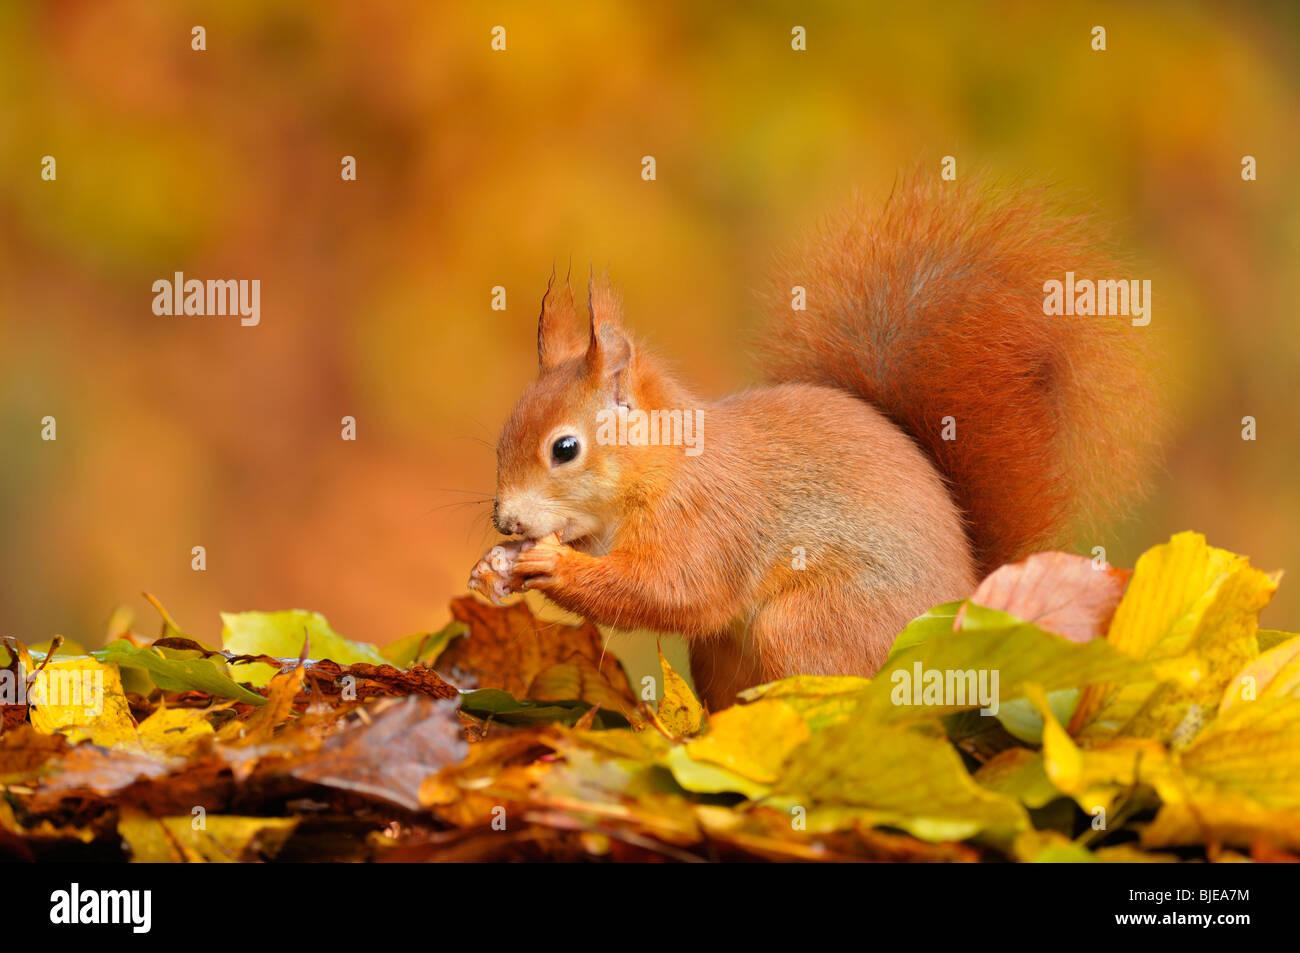 Eichhörnchen (Sciurus Vulgaris) Fütterung unter Buche Blätter im Herbst, Niederlande. Stockbild